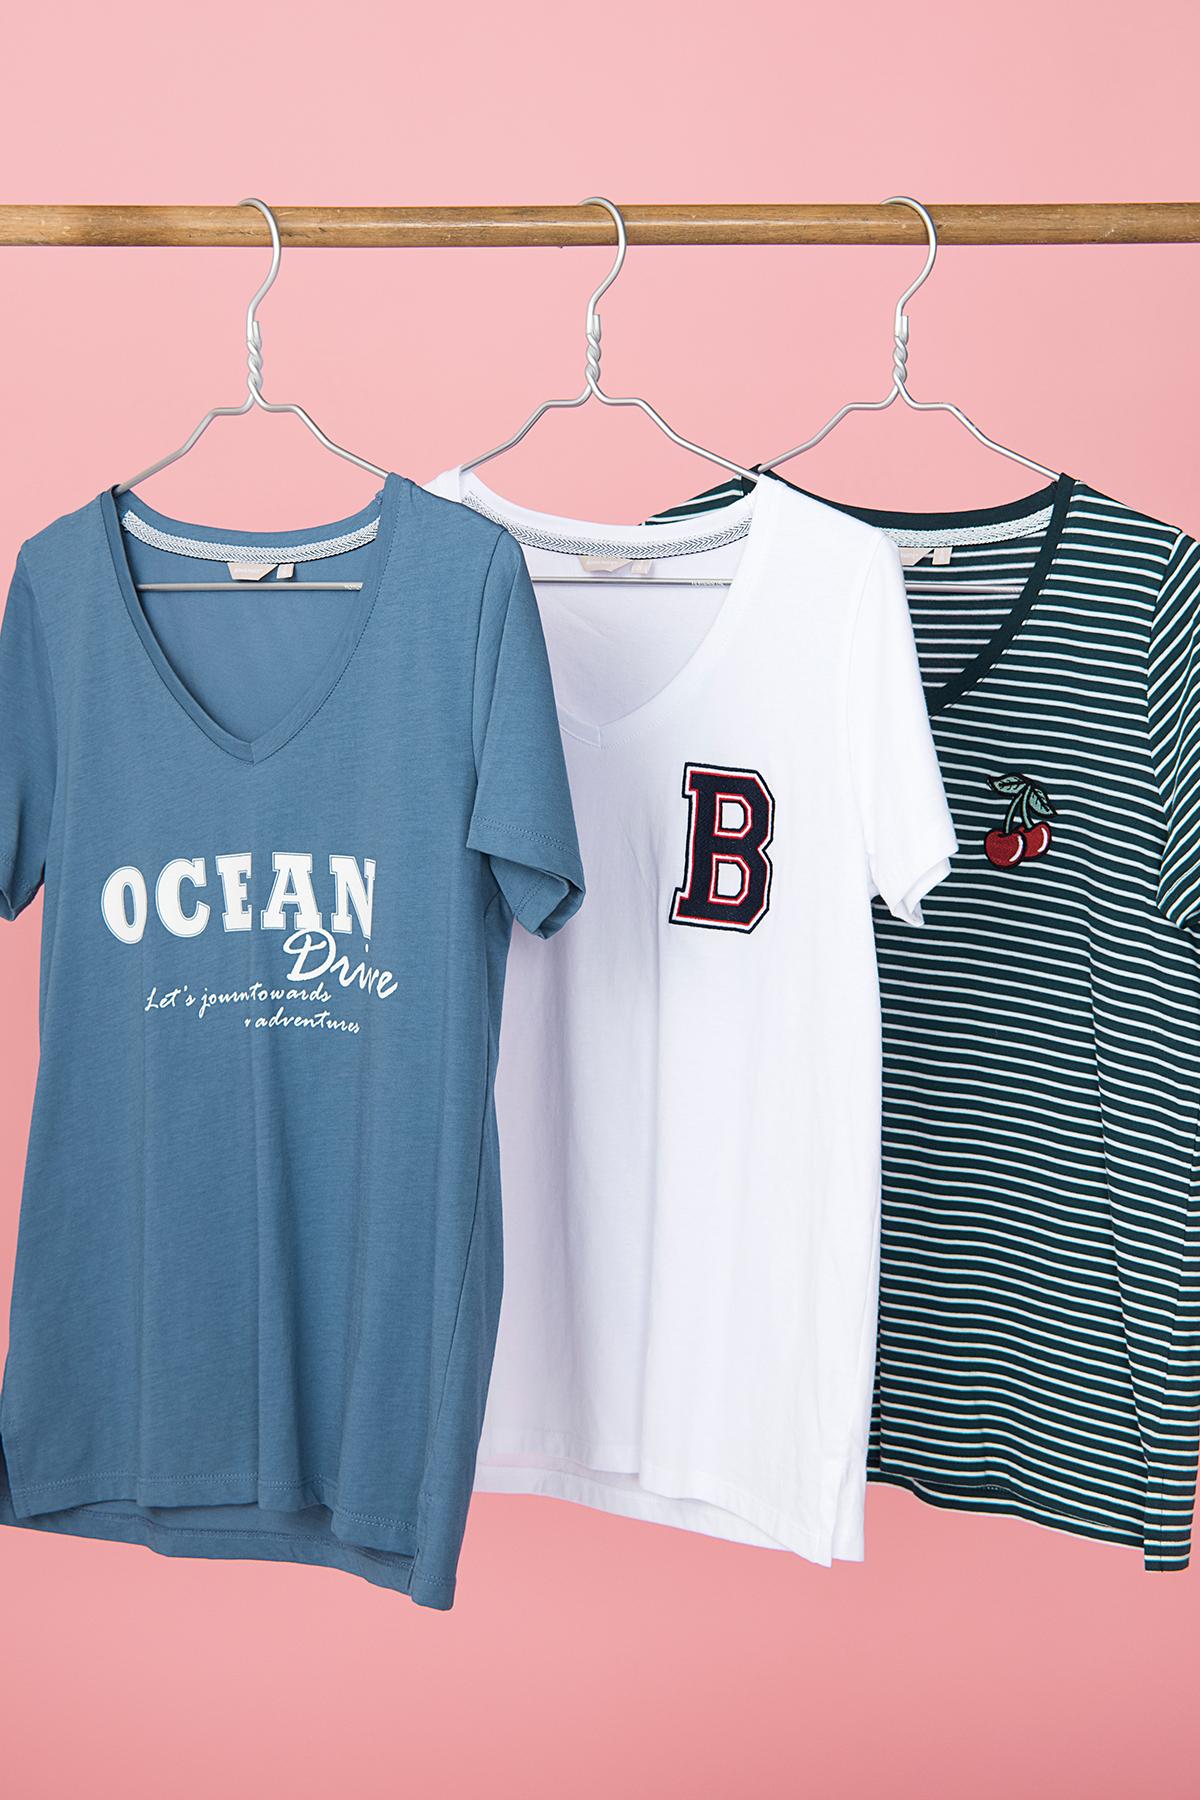 Weiss Kurzarm T-Shirt von Bon'A Parte – Shoppen SieWeiss Kurzarm T-Shirt ab Gr. S-2XL hier